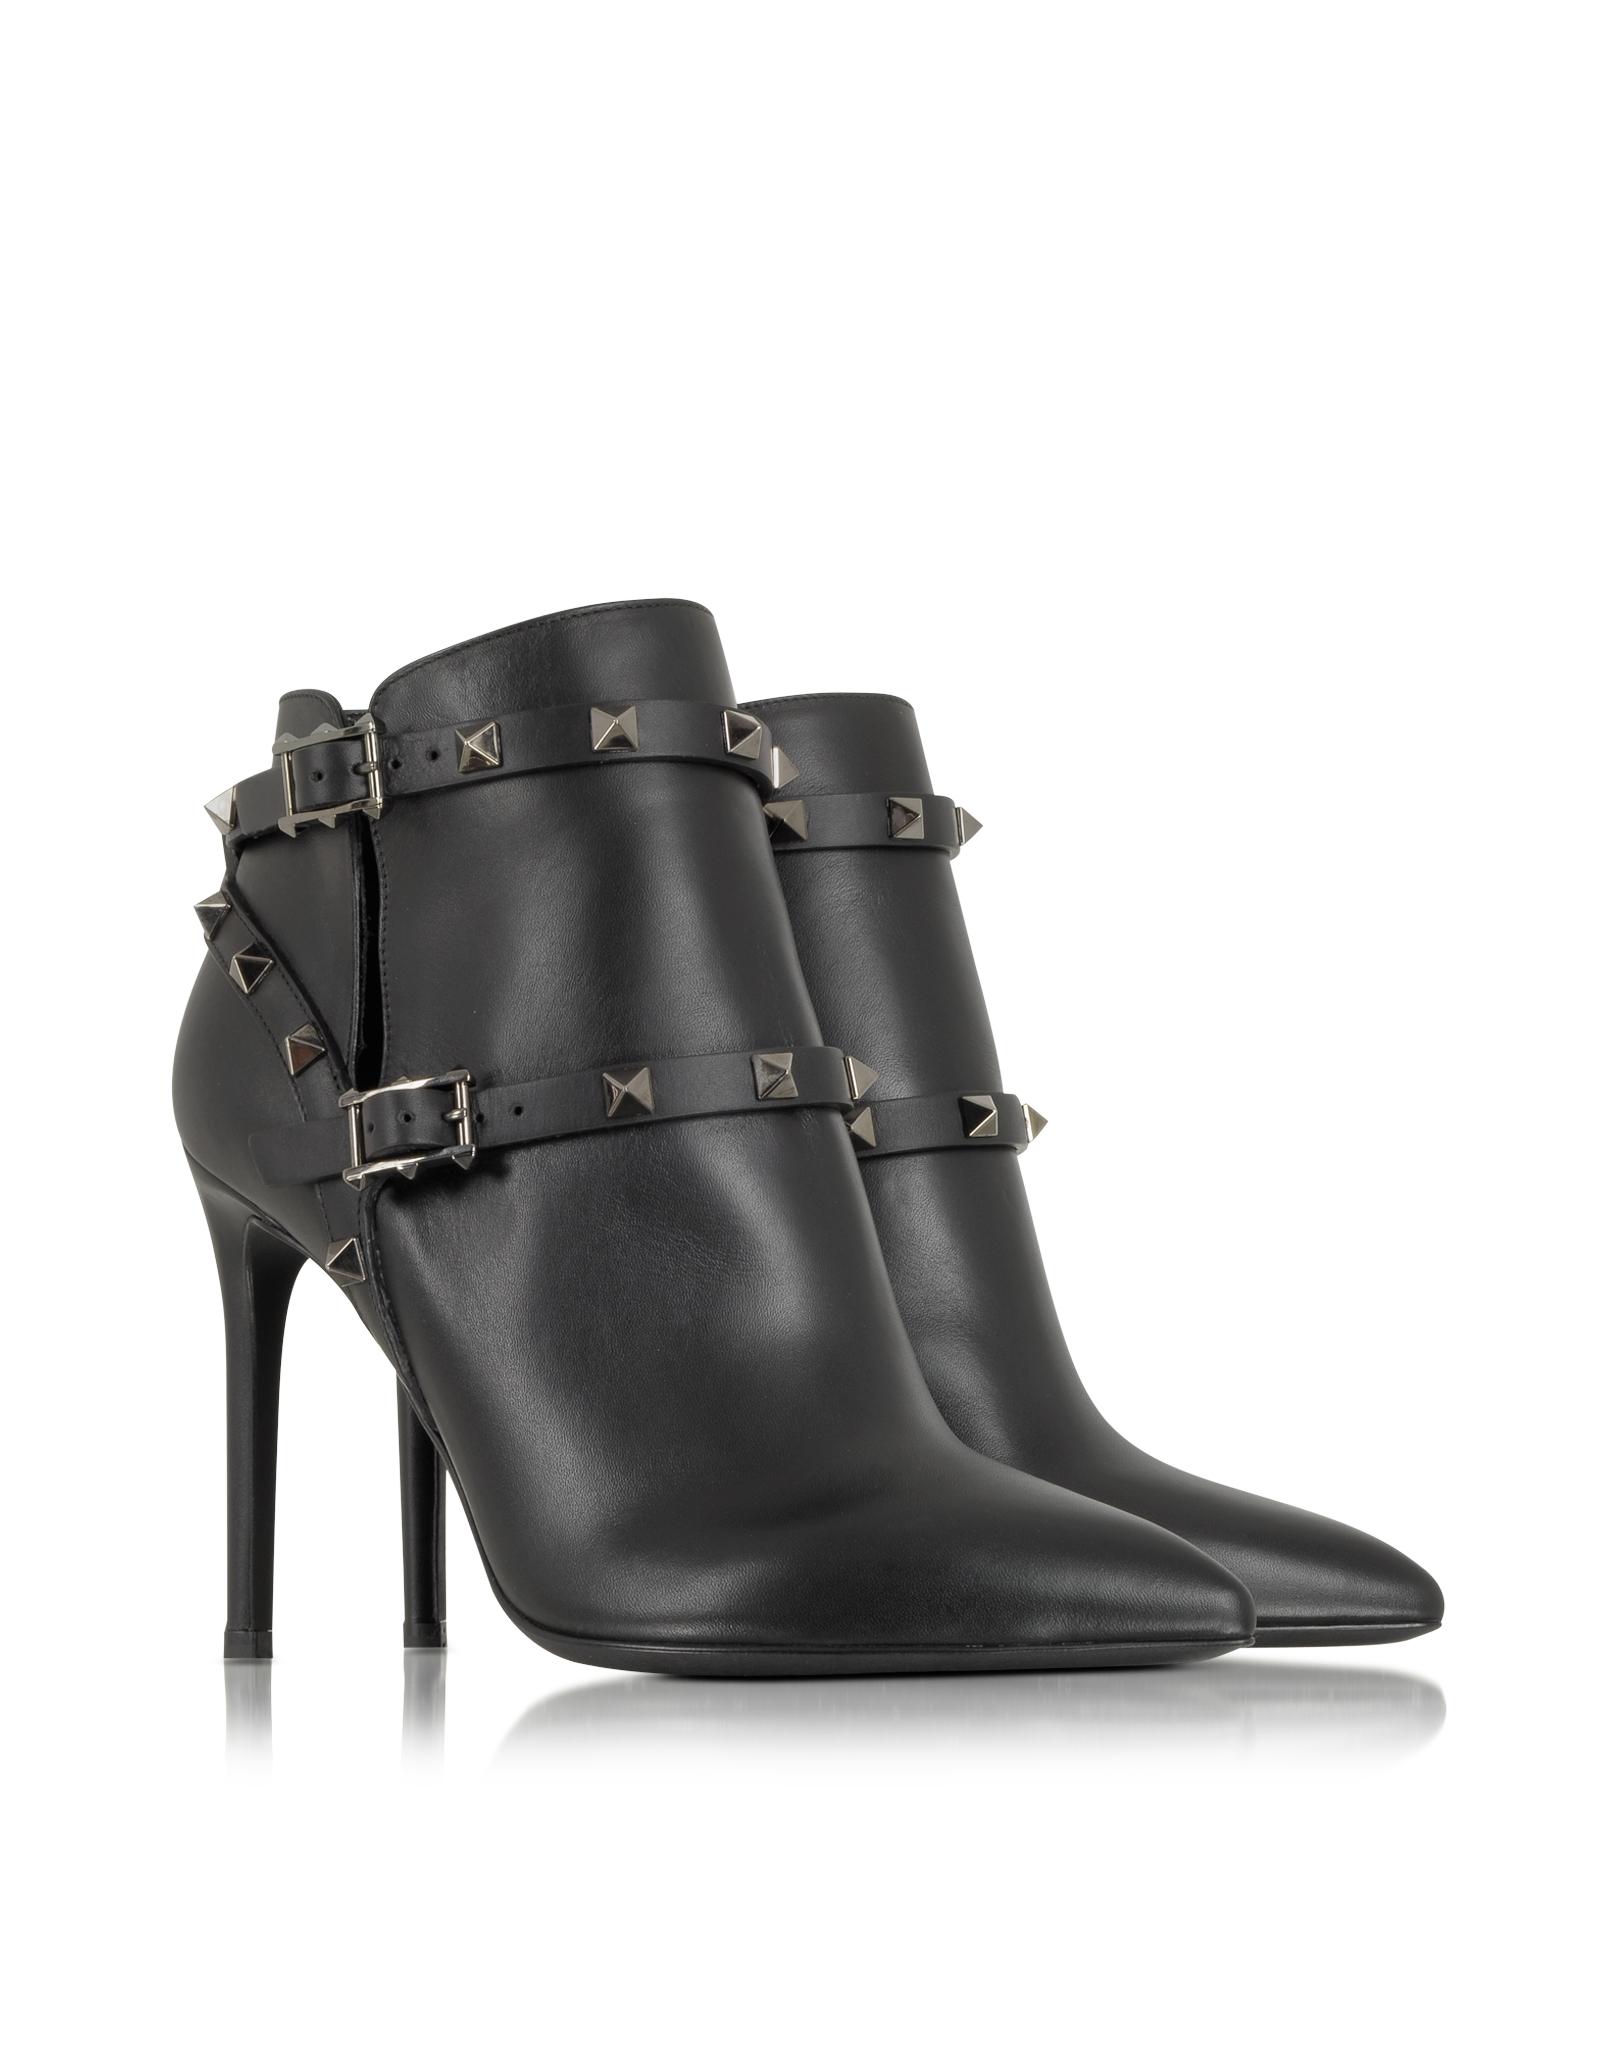 e2fc3b9bddb Boot In Valentino Lyst Leather Rockstud Noir Black Ankle xXAORqB ...